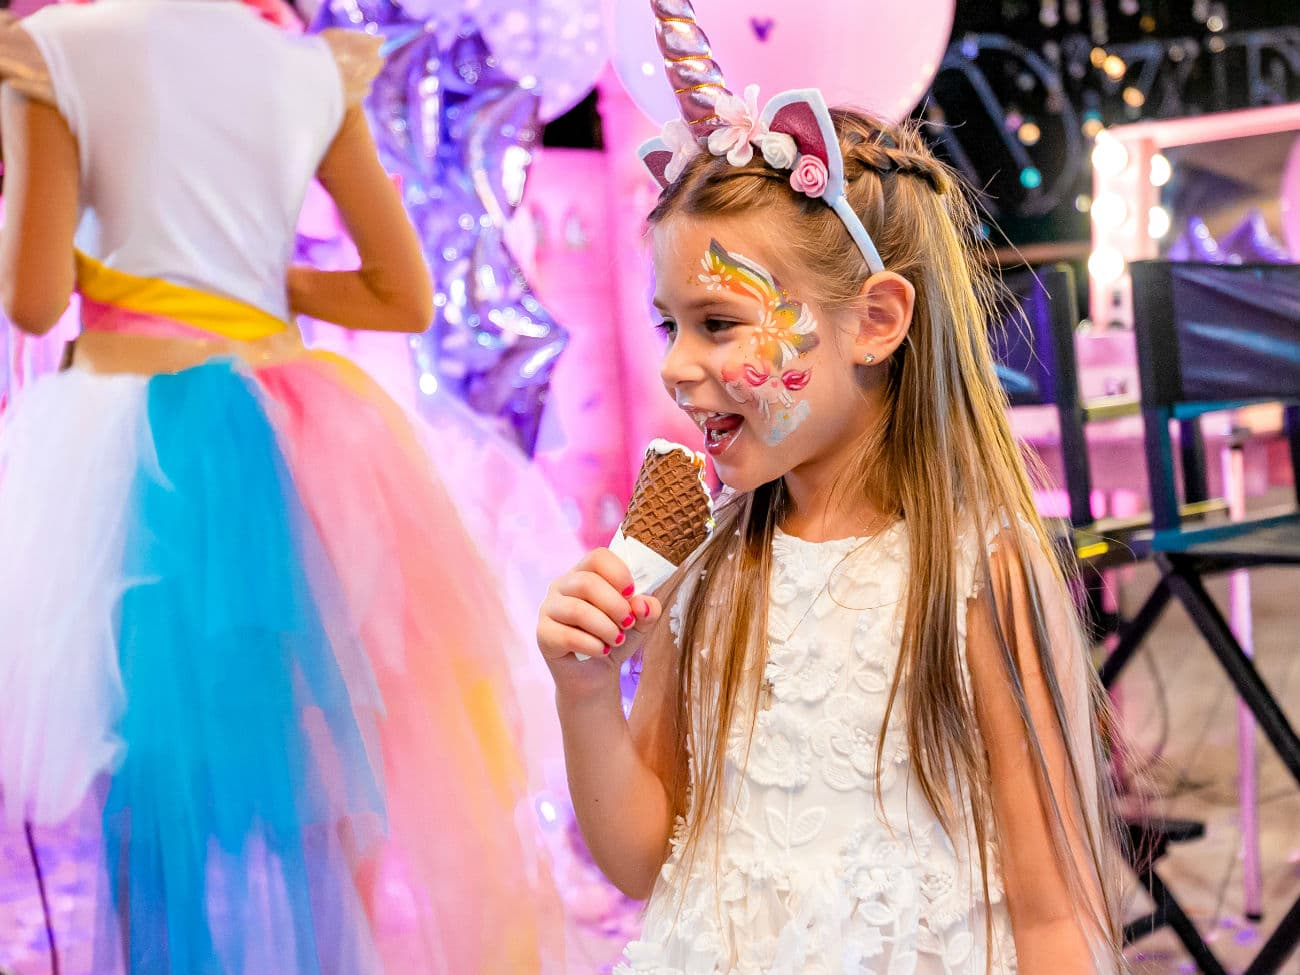 Красивая девочка в стиле Единорожек кушает мороженое